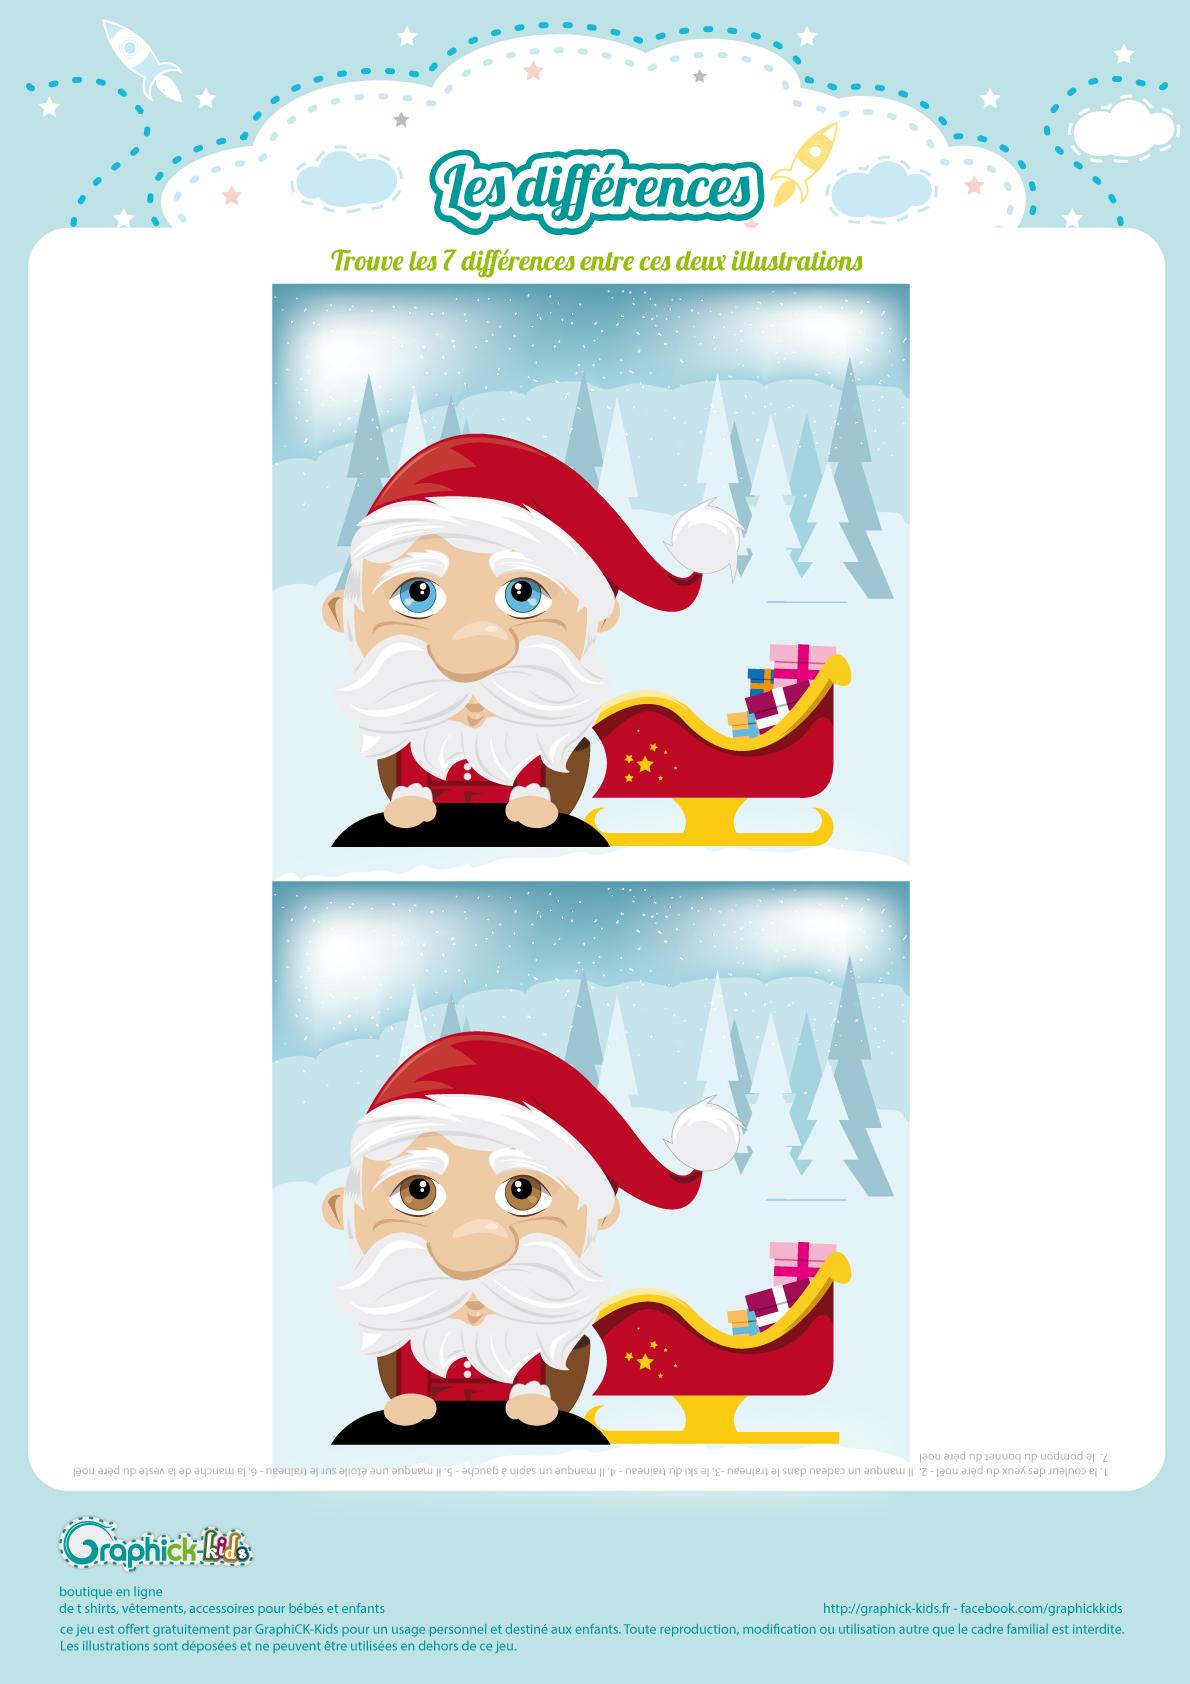 L Activite Du Mercredi Les Differences Du Pere Noel Graphick Kids